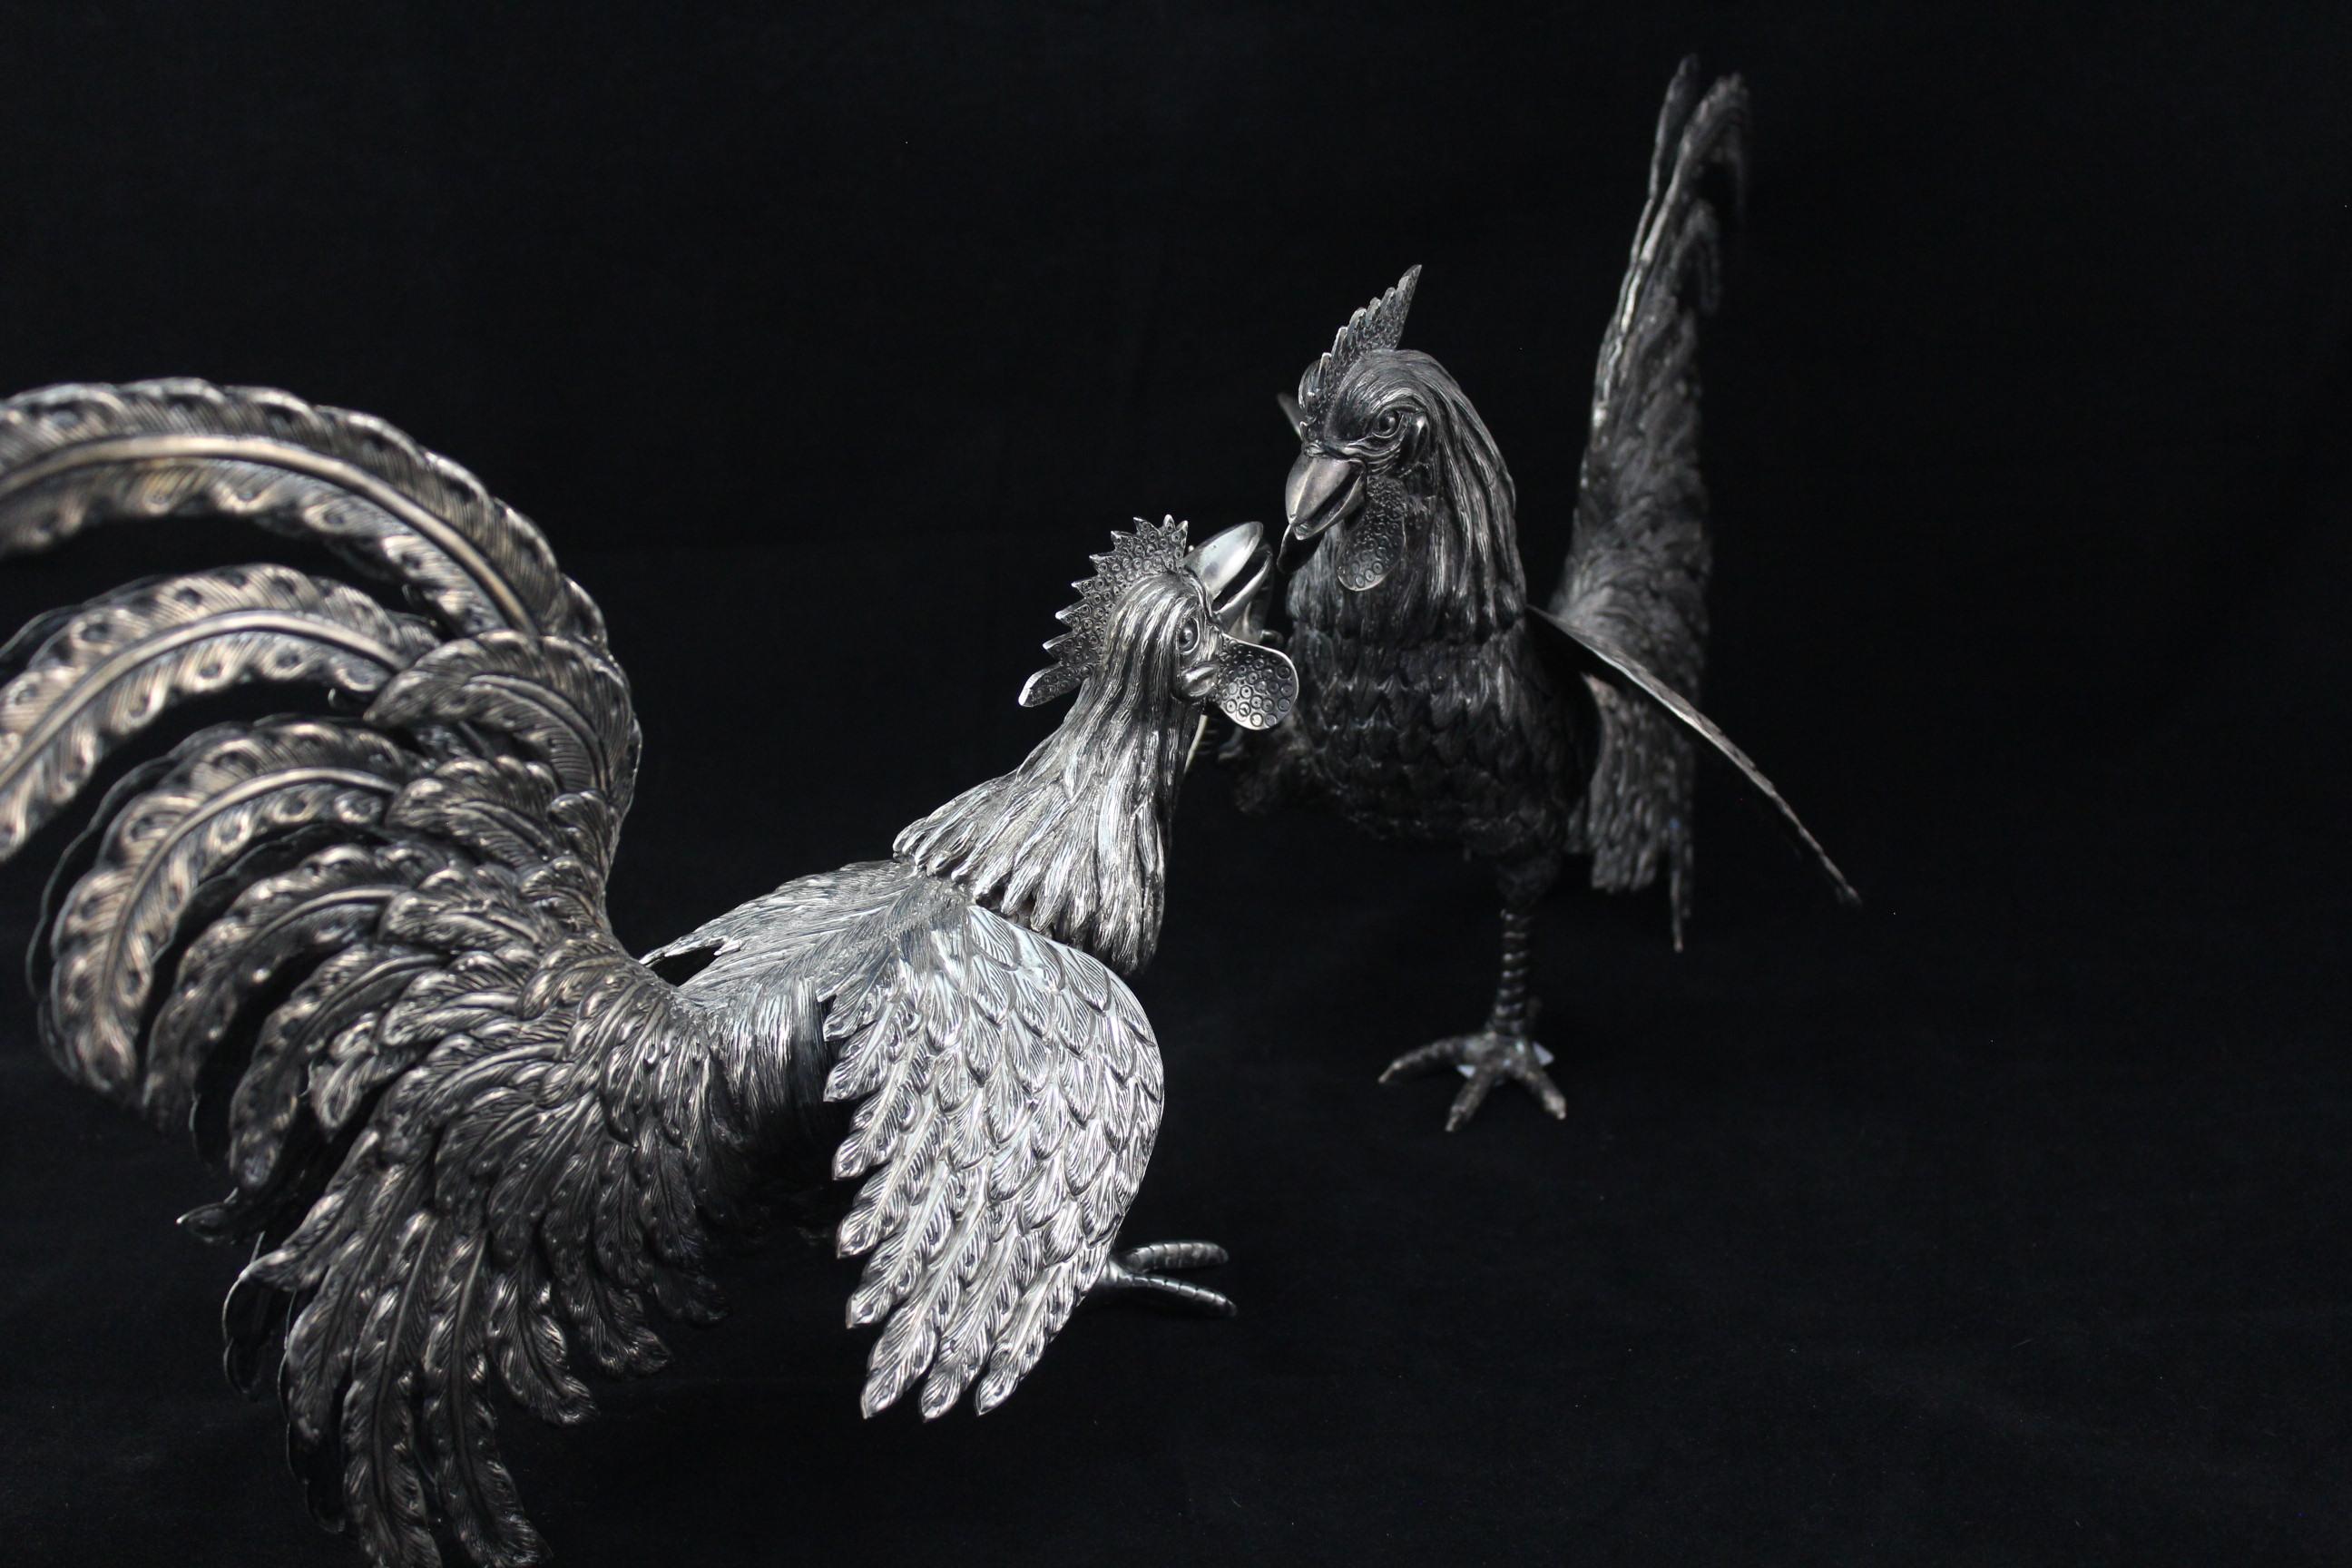 FightingRoosterSterlingSilverSculpture-1-4